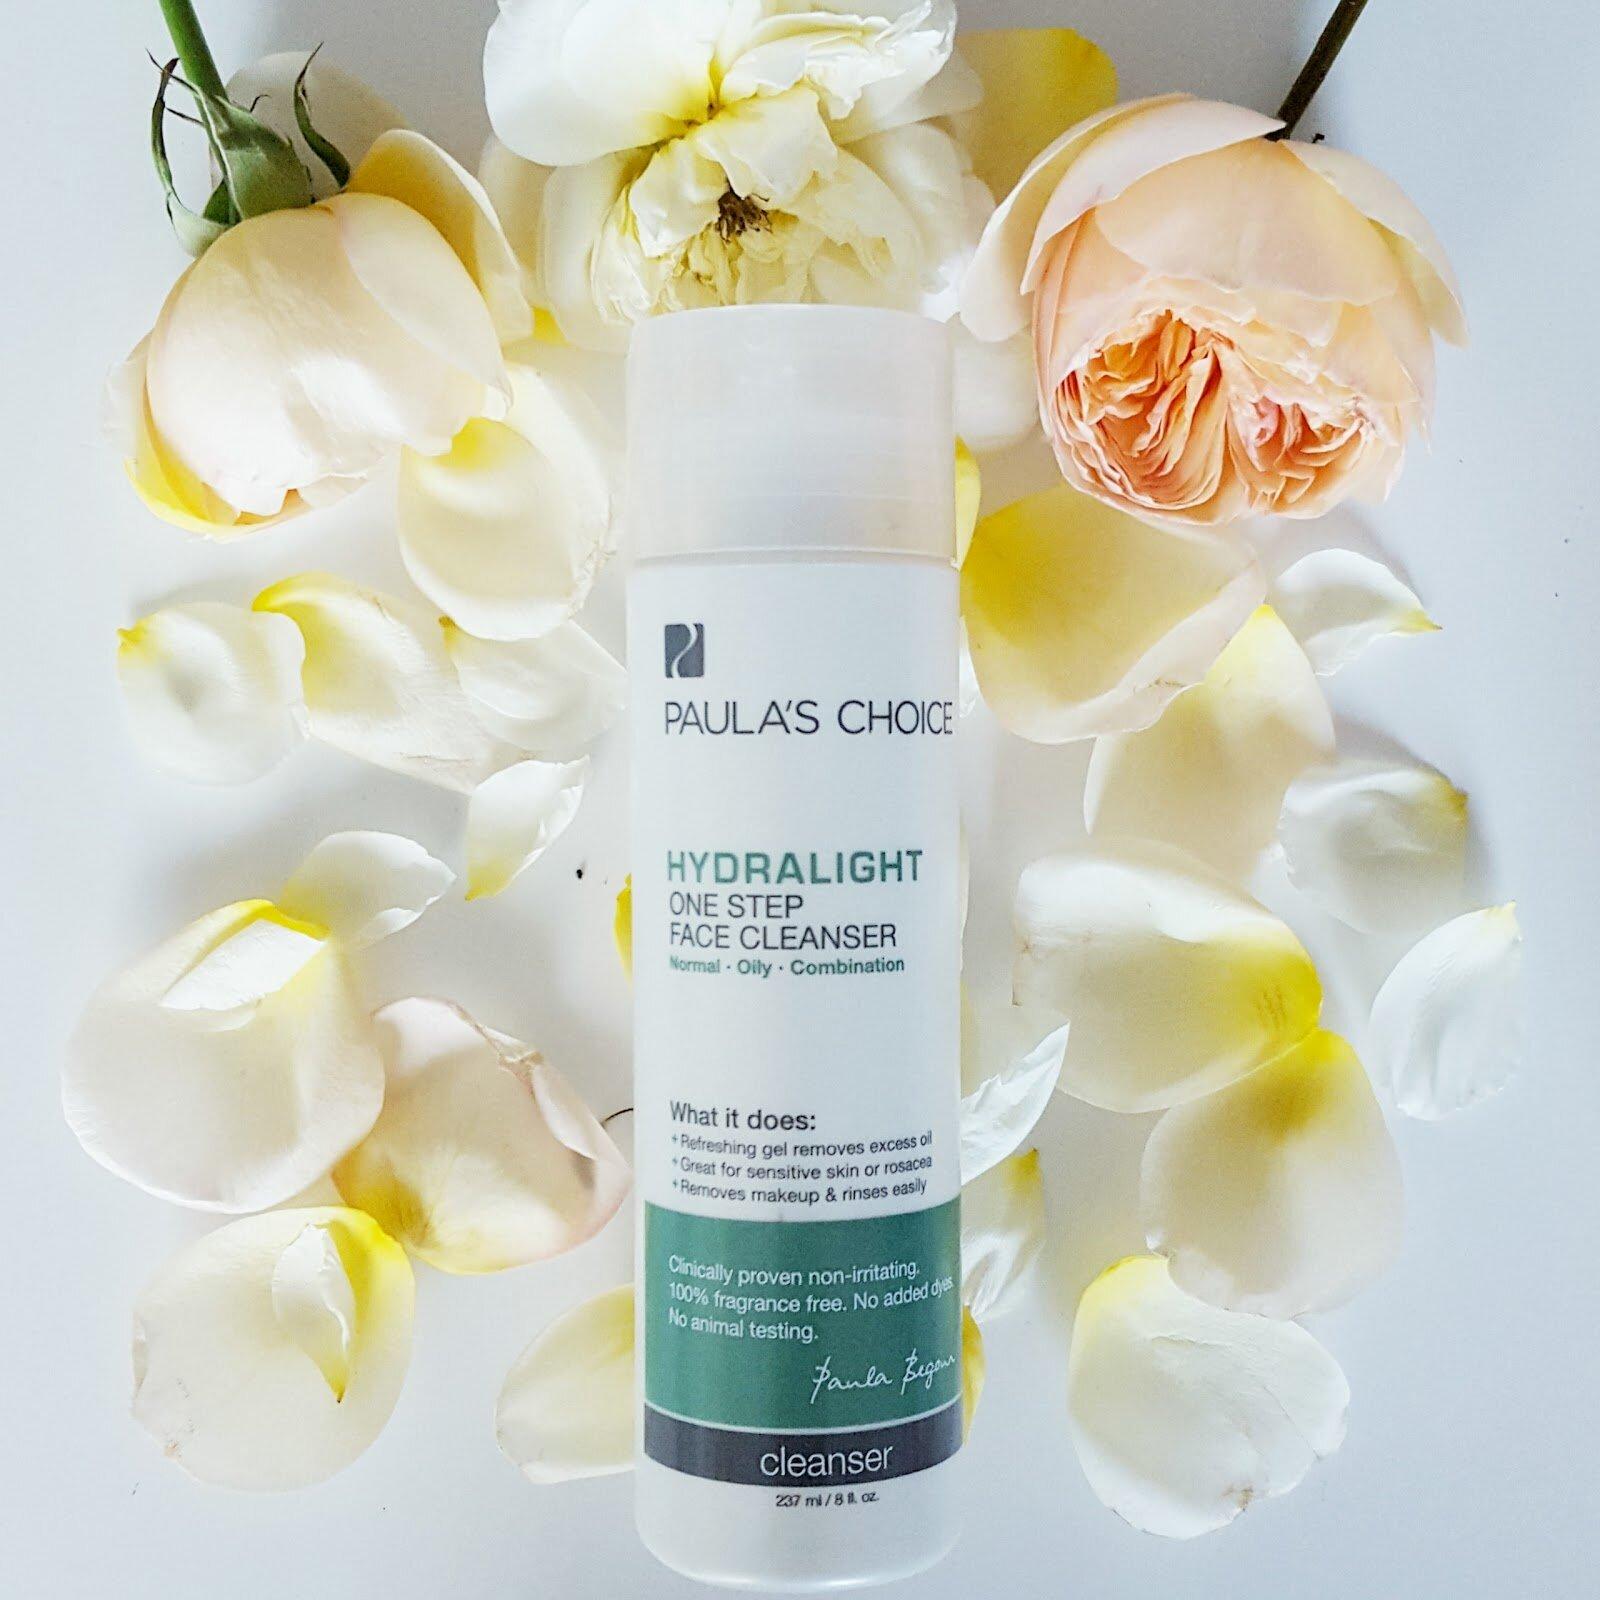 Đánh giá Paula's Choice Hydratlight One Step Face Cleanser